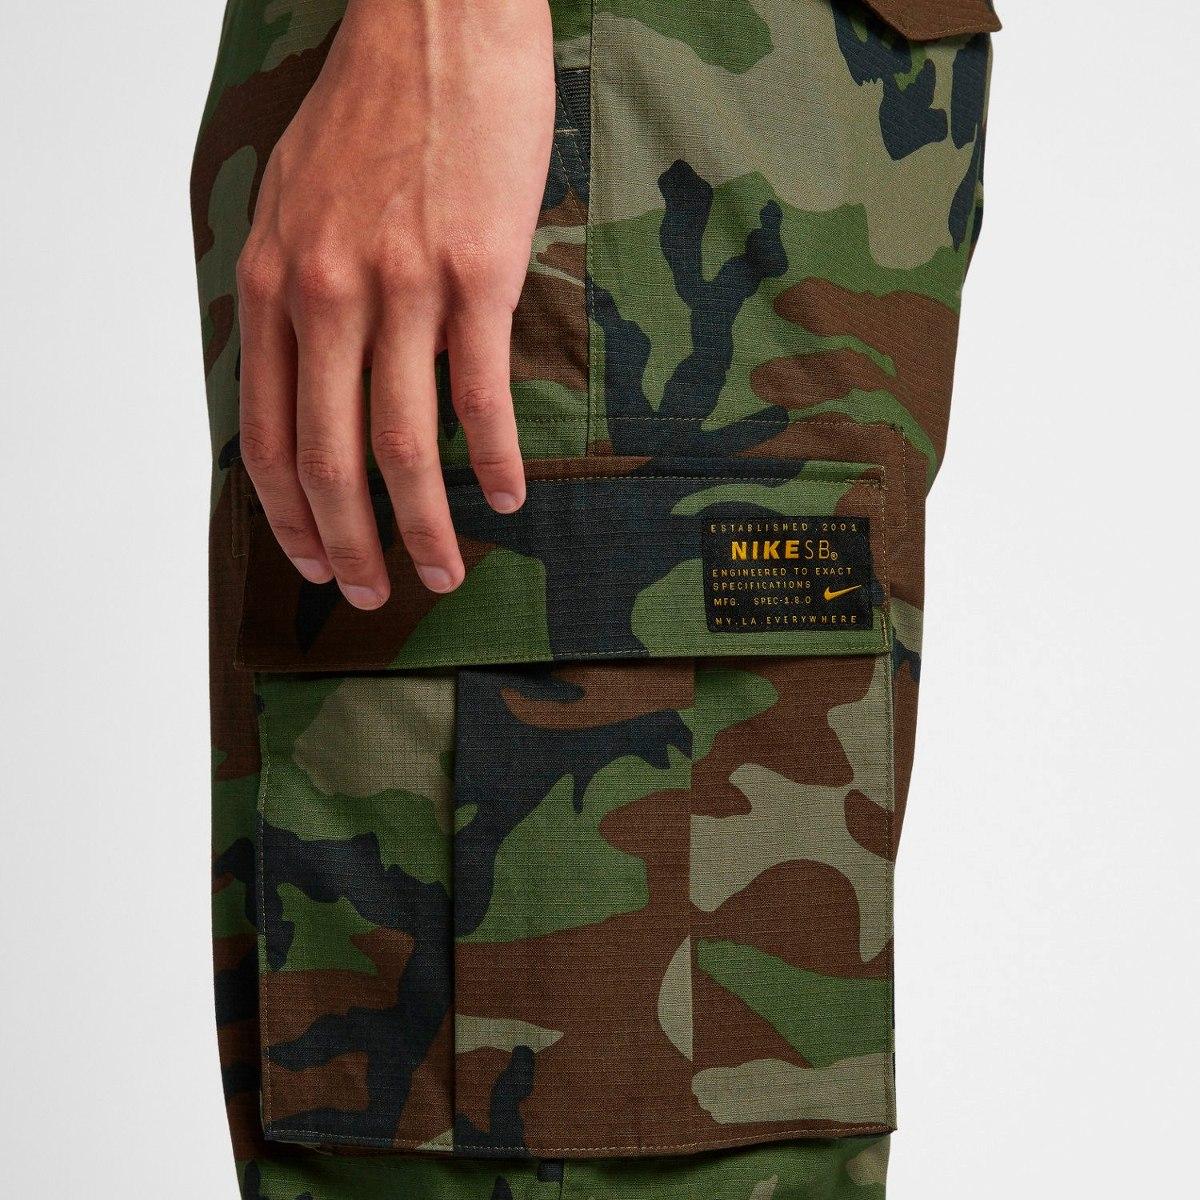 d026dd3377aa9 pantalón cargo nike sb flex ftm camuflado hombre nike sb. Cargando zoom.